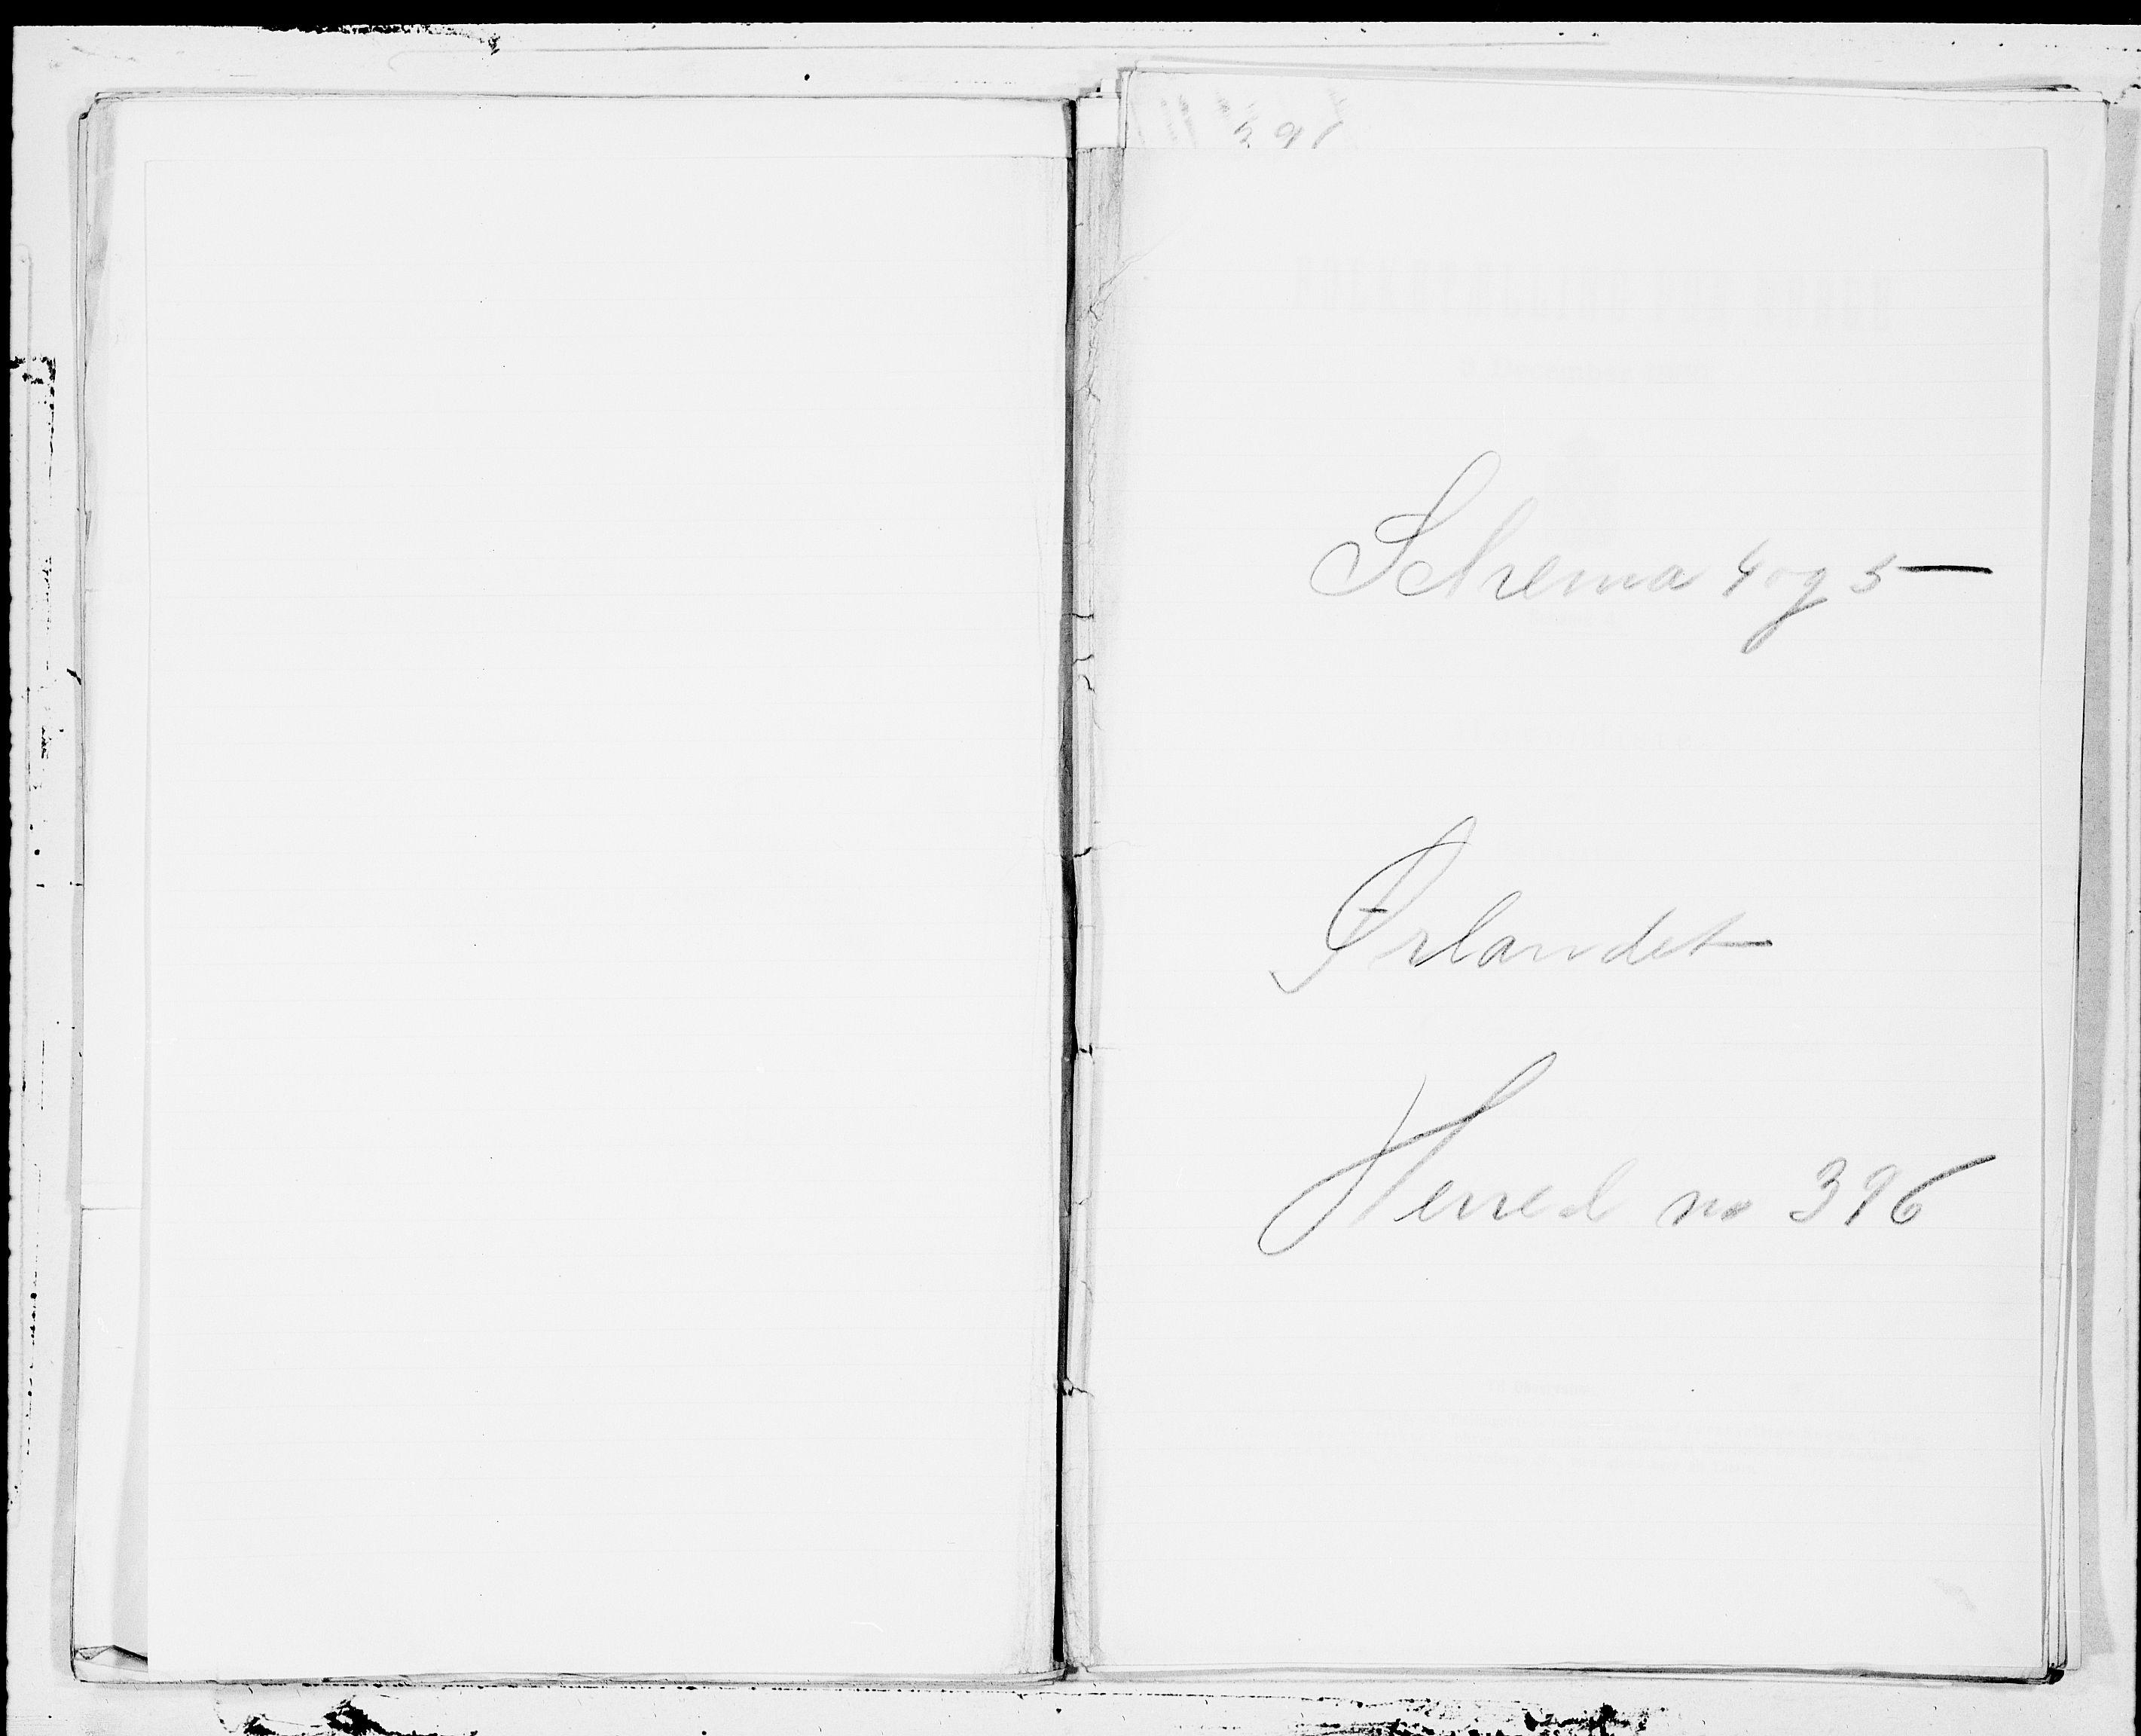 SAT, Folketelling 1900 for 1621 Ørland herred, 1900, s. 1